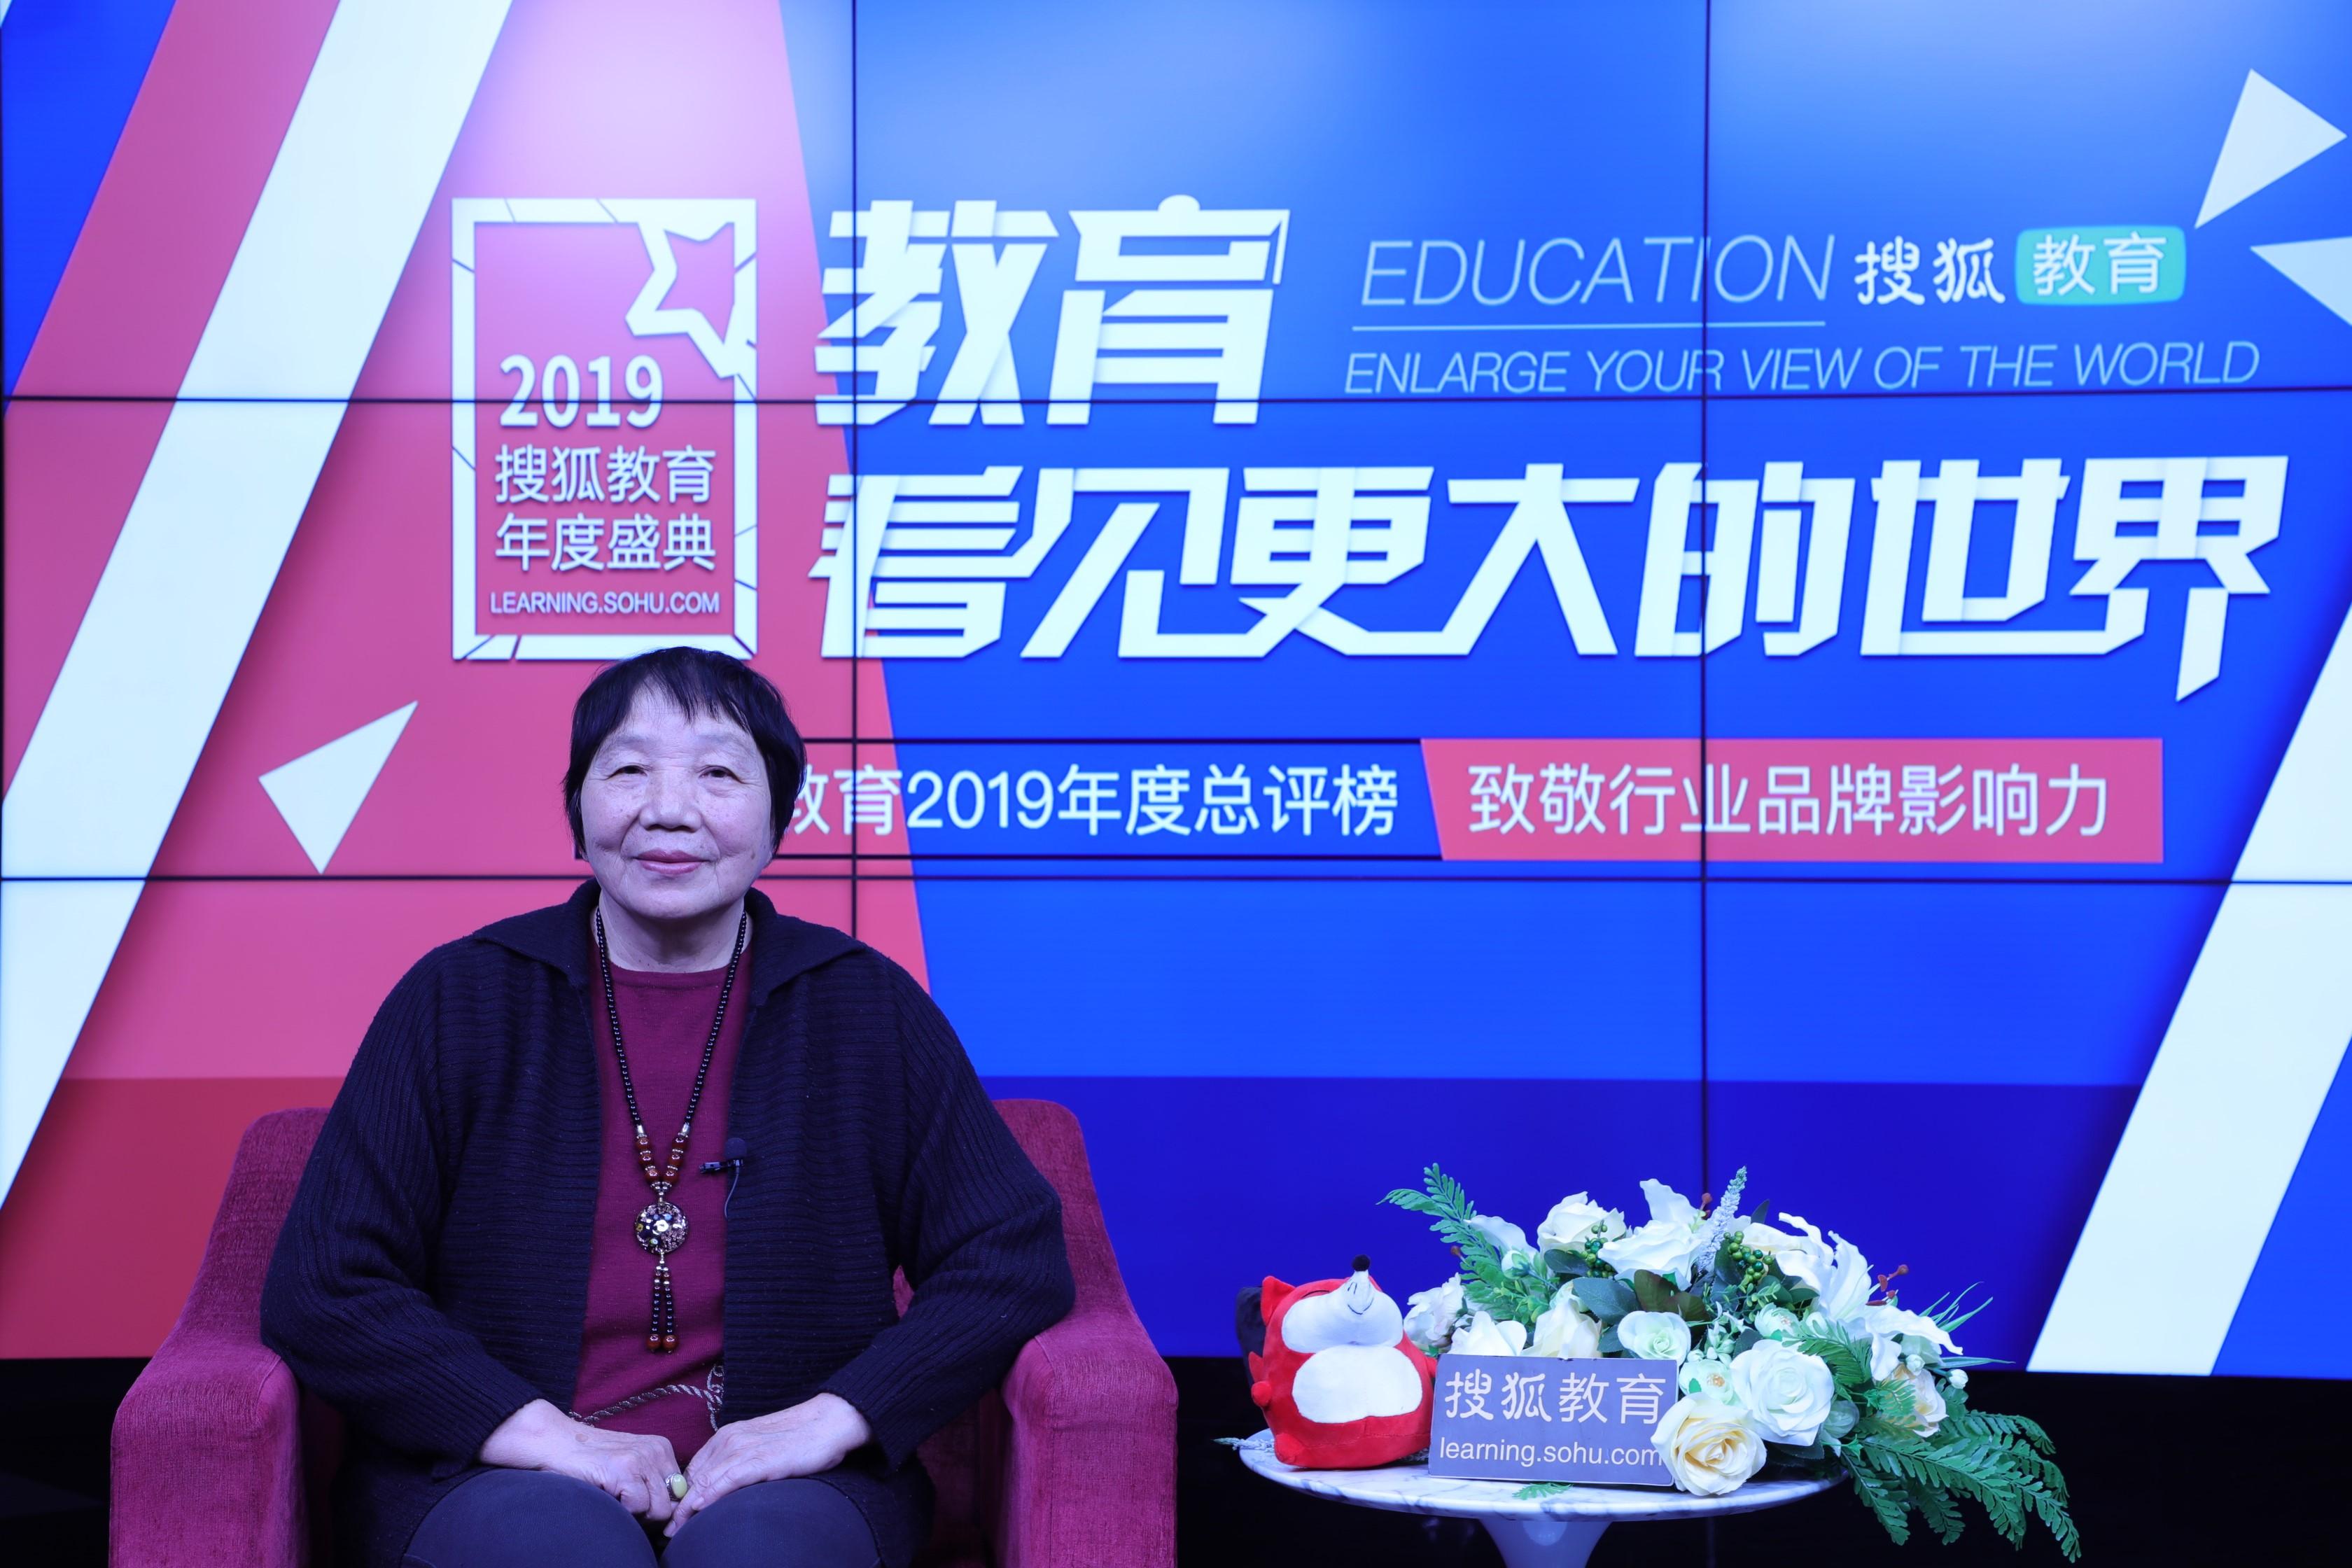 2019年度搜狐教育盛典专访:华清园教研总监陈娴